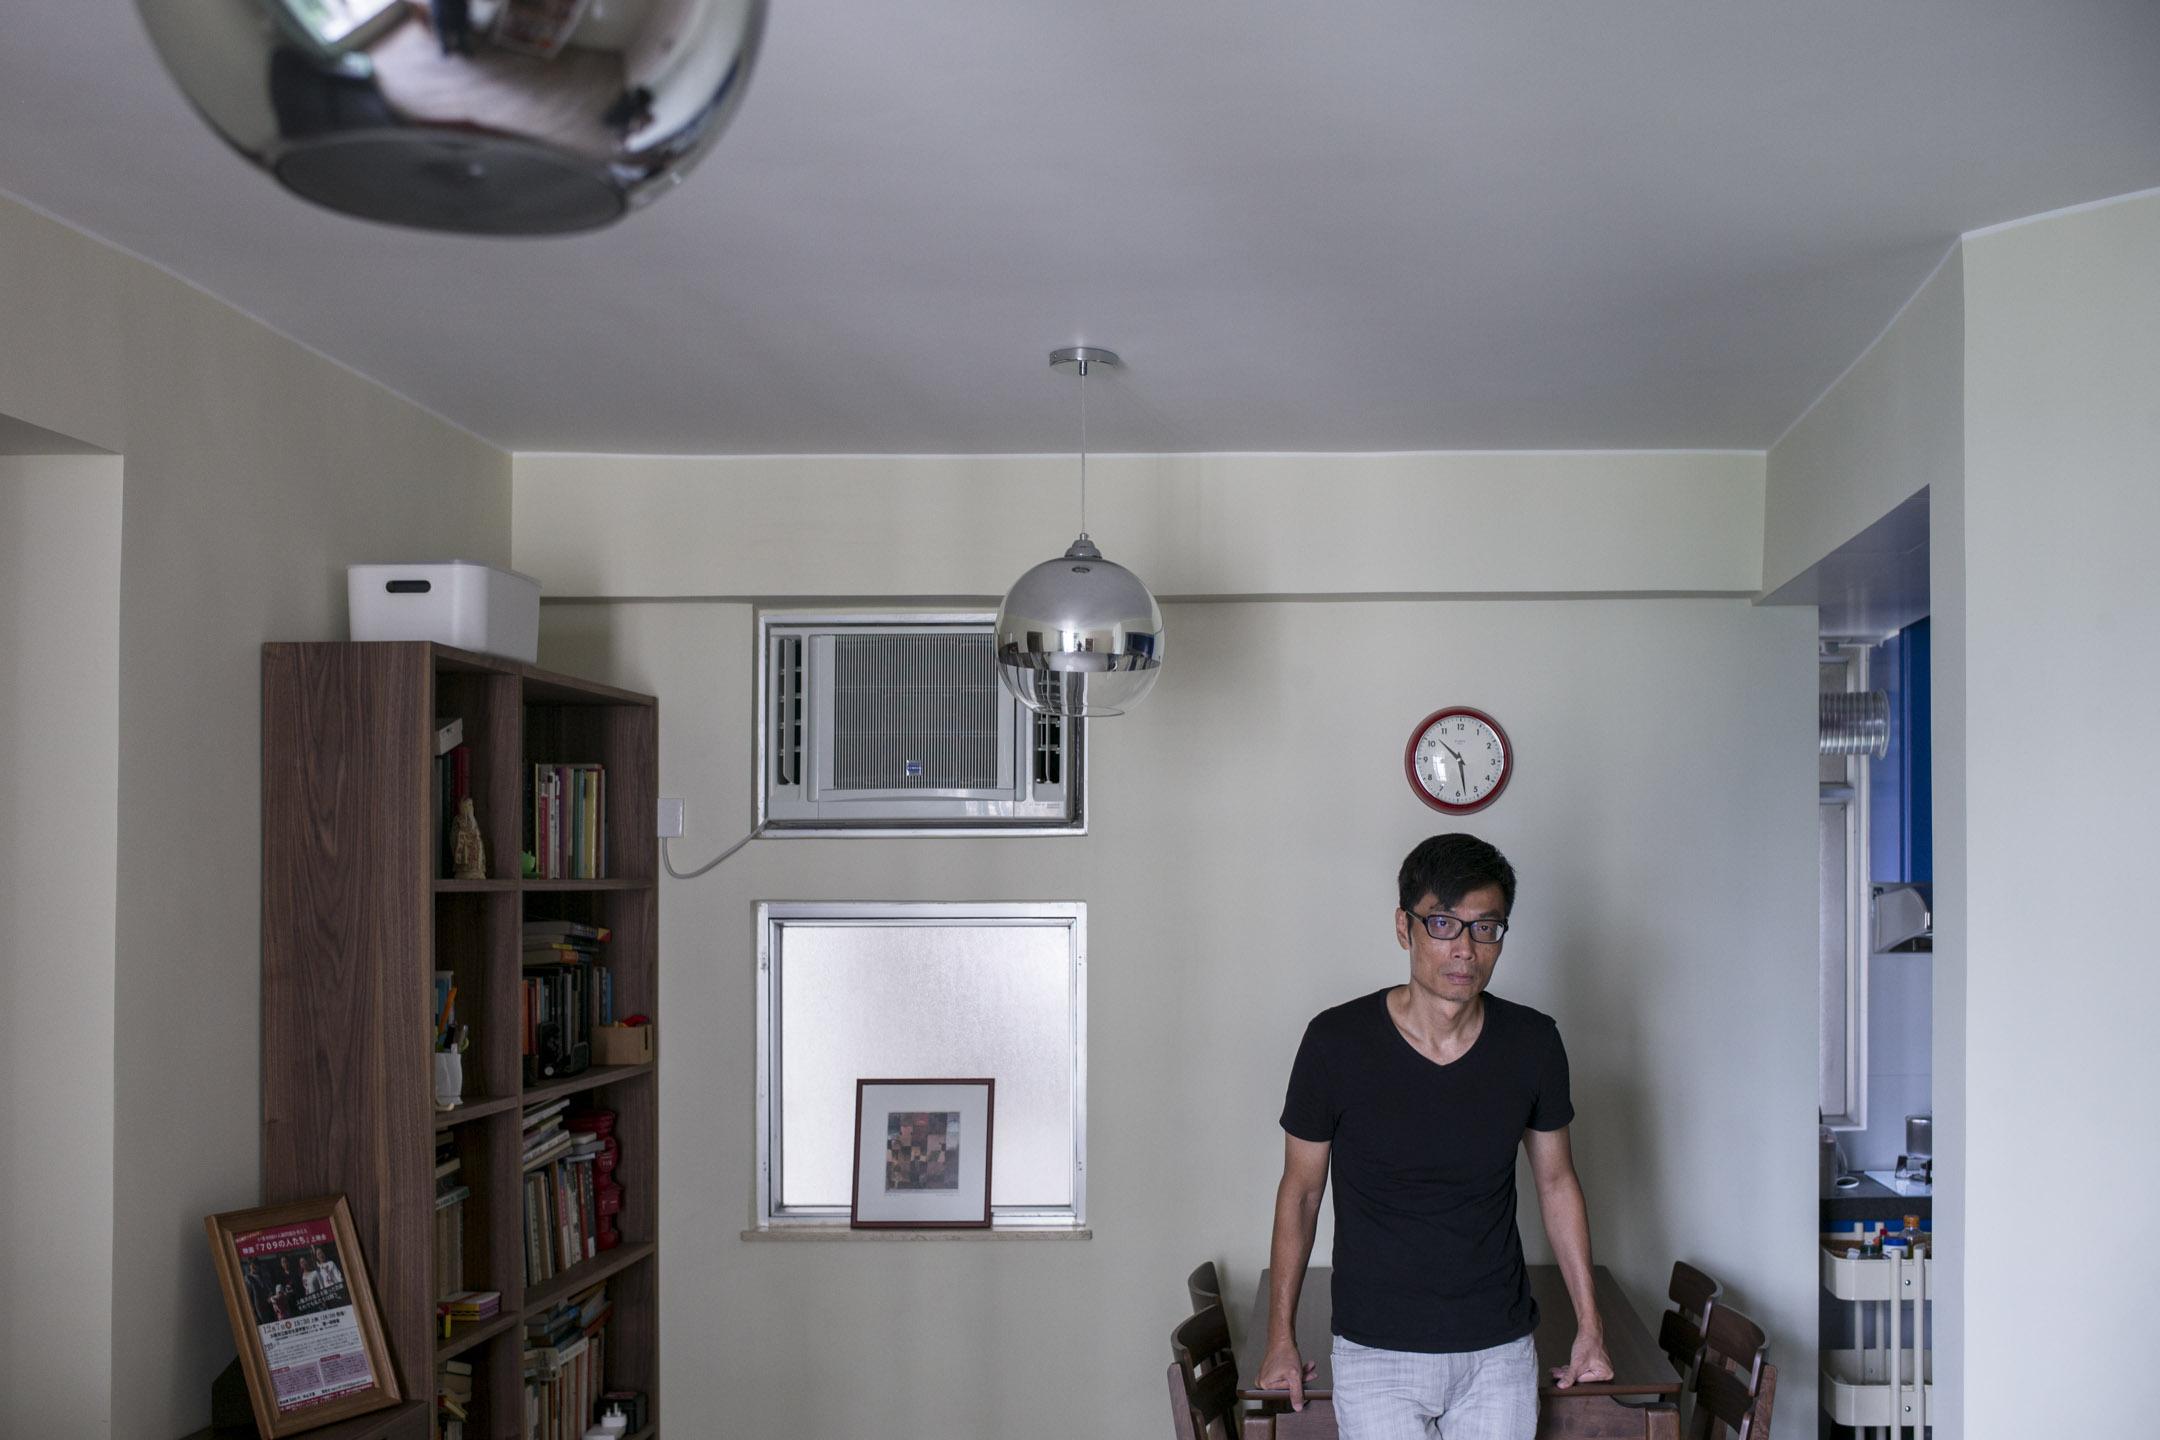 盧敬華以紀錄片《709人們》與《709彼岸》,記錄一群中國維權律師遭到打壓、逮捕,家屬被迫流亡海外的事蹟。 攝:林振東/端傳媒